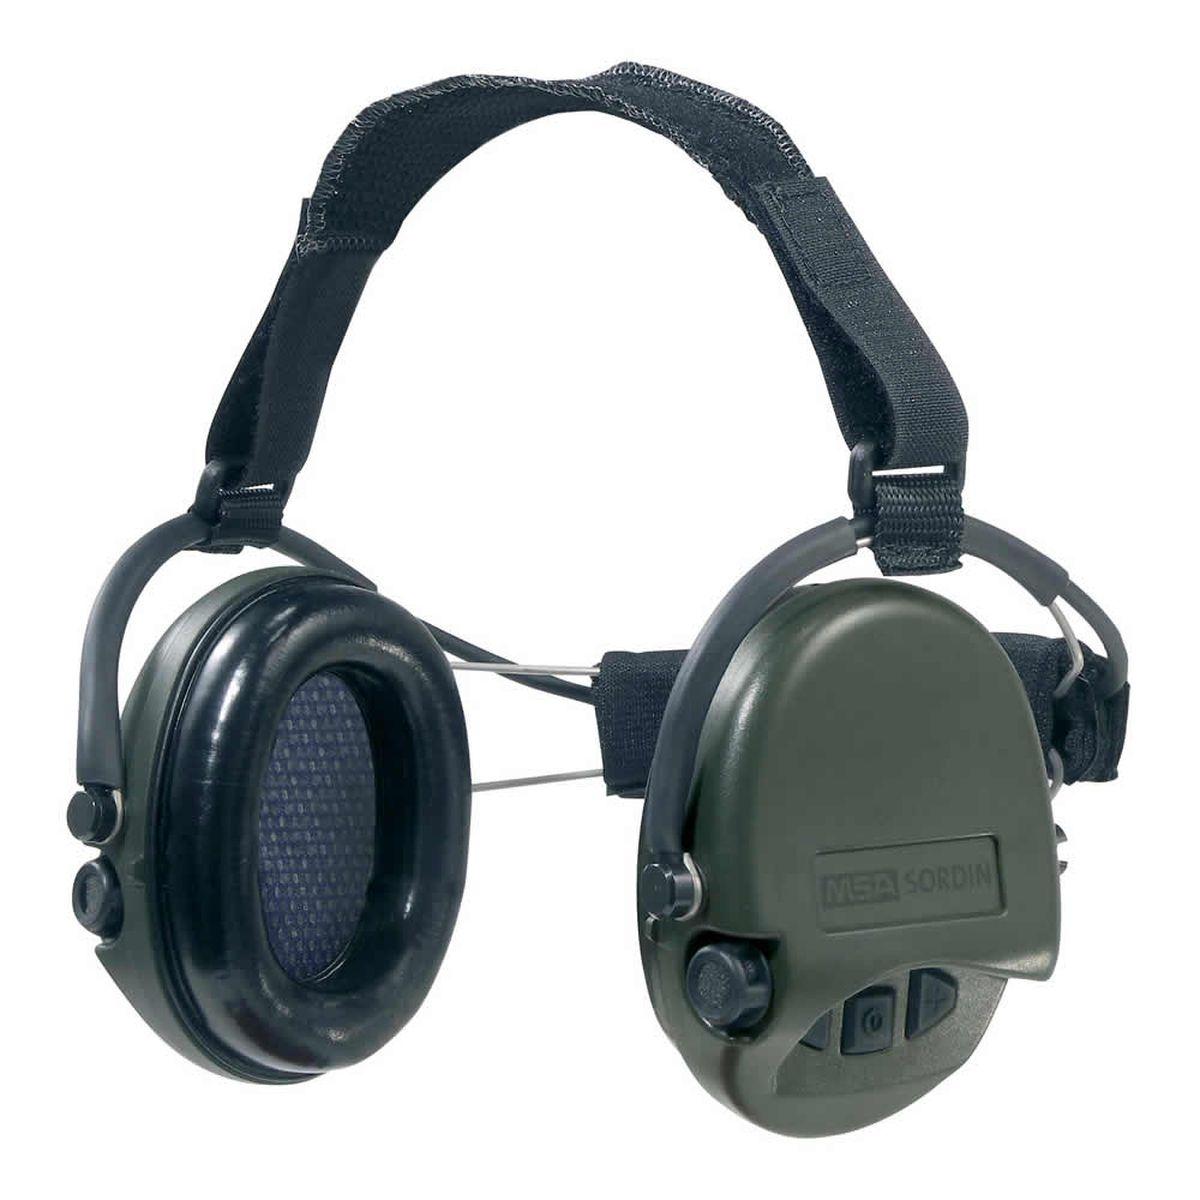 Наушники для стрельбы MSA Sordin Supreme Pro Neckband, активныеSOR22010Главное отличие этой модели возможность использовать с шлемом или другим головным убором. Активные наушники для стрельбы и охоты. Цвет ушных чашек – хаки. Усиливают слабый звук в 4 раза до 27 Дц и уменьшают шум до 82 Дц. Звуковая картинка на 360° градусов, звук Stereo. Два отдельных ветро-влагозащищенных микрофона. Влагозащищенный батарейный отсек. Звуковая пауза после отсечки шумовой волны менее 0,6 сек. Широкие кнопки включения с регулировкой громкости звука – 4 положения. Складные соединительные дужки, из прочной проволочной стали, покрытой антикоррозийным лаком. Дужки отделаны кожей. Предусмотрено прослушивание аудиозаписей через плеер/телефон, но основная функция – прослушивание сообщений через переносную радиостанцию. Возможно использование PTT(двух-полосная связь). Автоматическое отключение через 4 часа после начала использования. Предупреждение звуковым сигналом за 40 часов о низком заряде батареи. В комплекте две батарейки ААА, разъём AUX 3,5 мм., кабель. Вес: 310 гр. Гарантия 1 год.